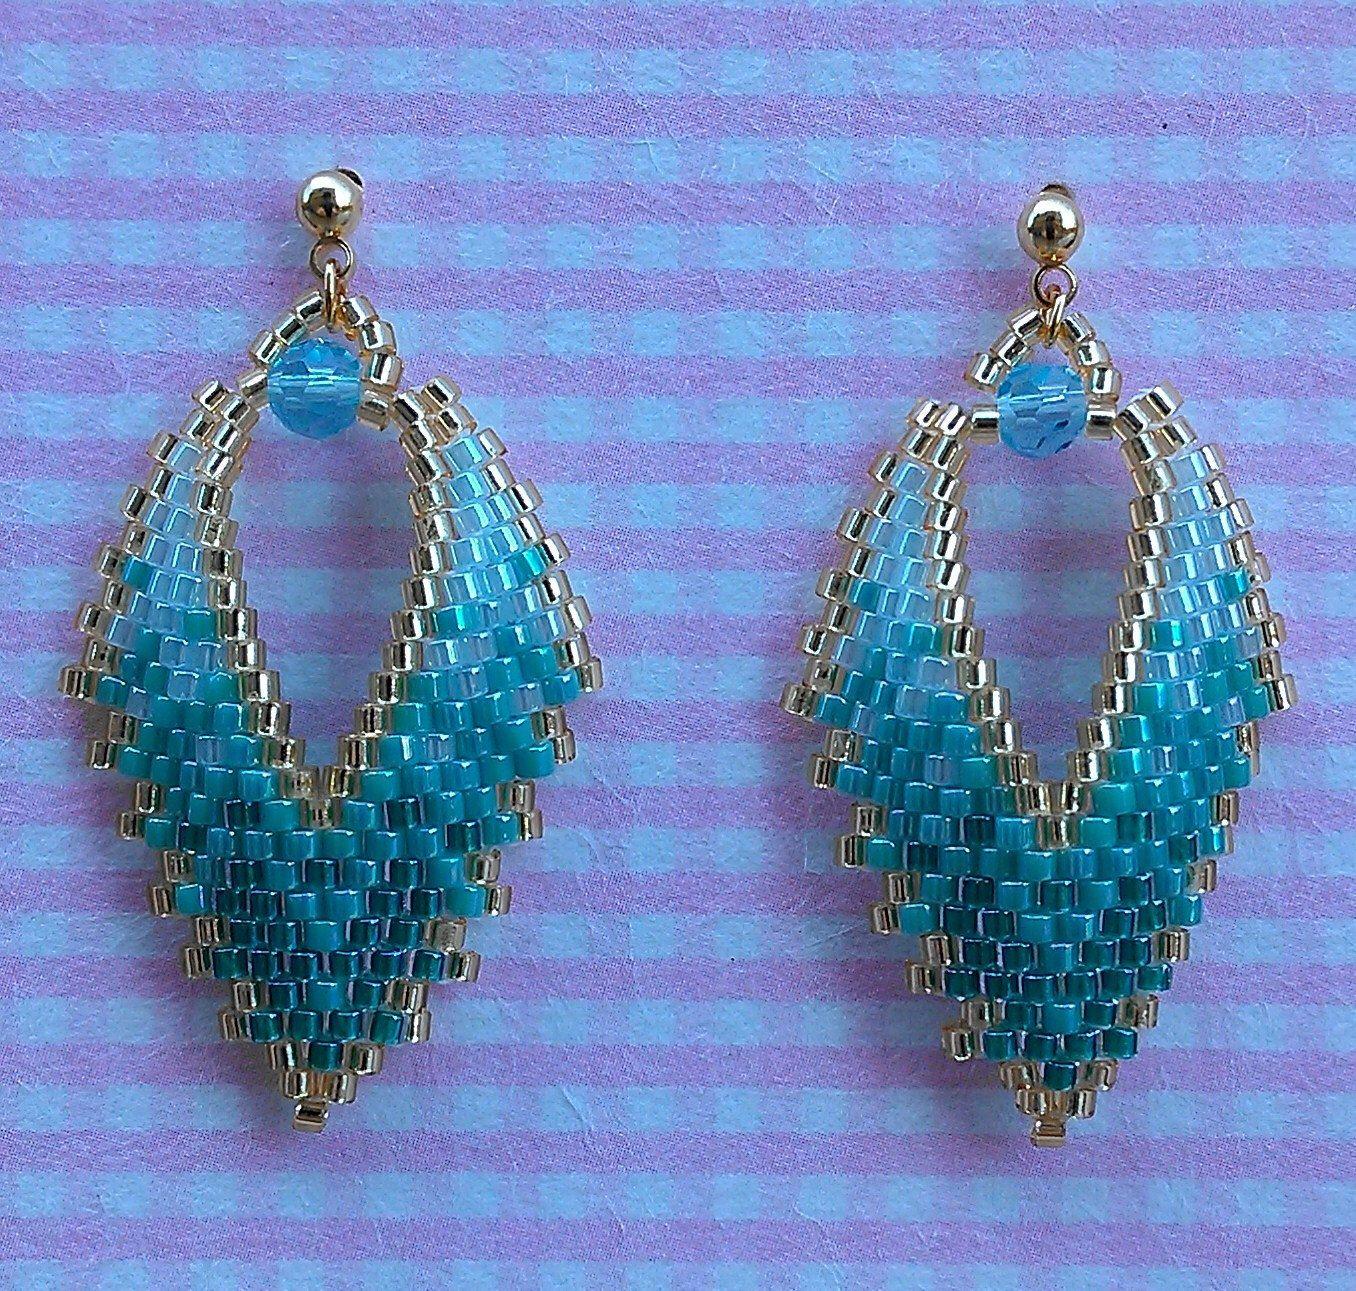 RUSSIAN LEAF EARRINGS by BeadAndBowtique on Etsy https://www.etsy.com/il-en/listing/230375819/russian-leaf-earrings